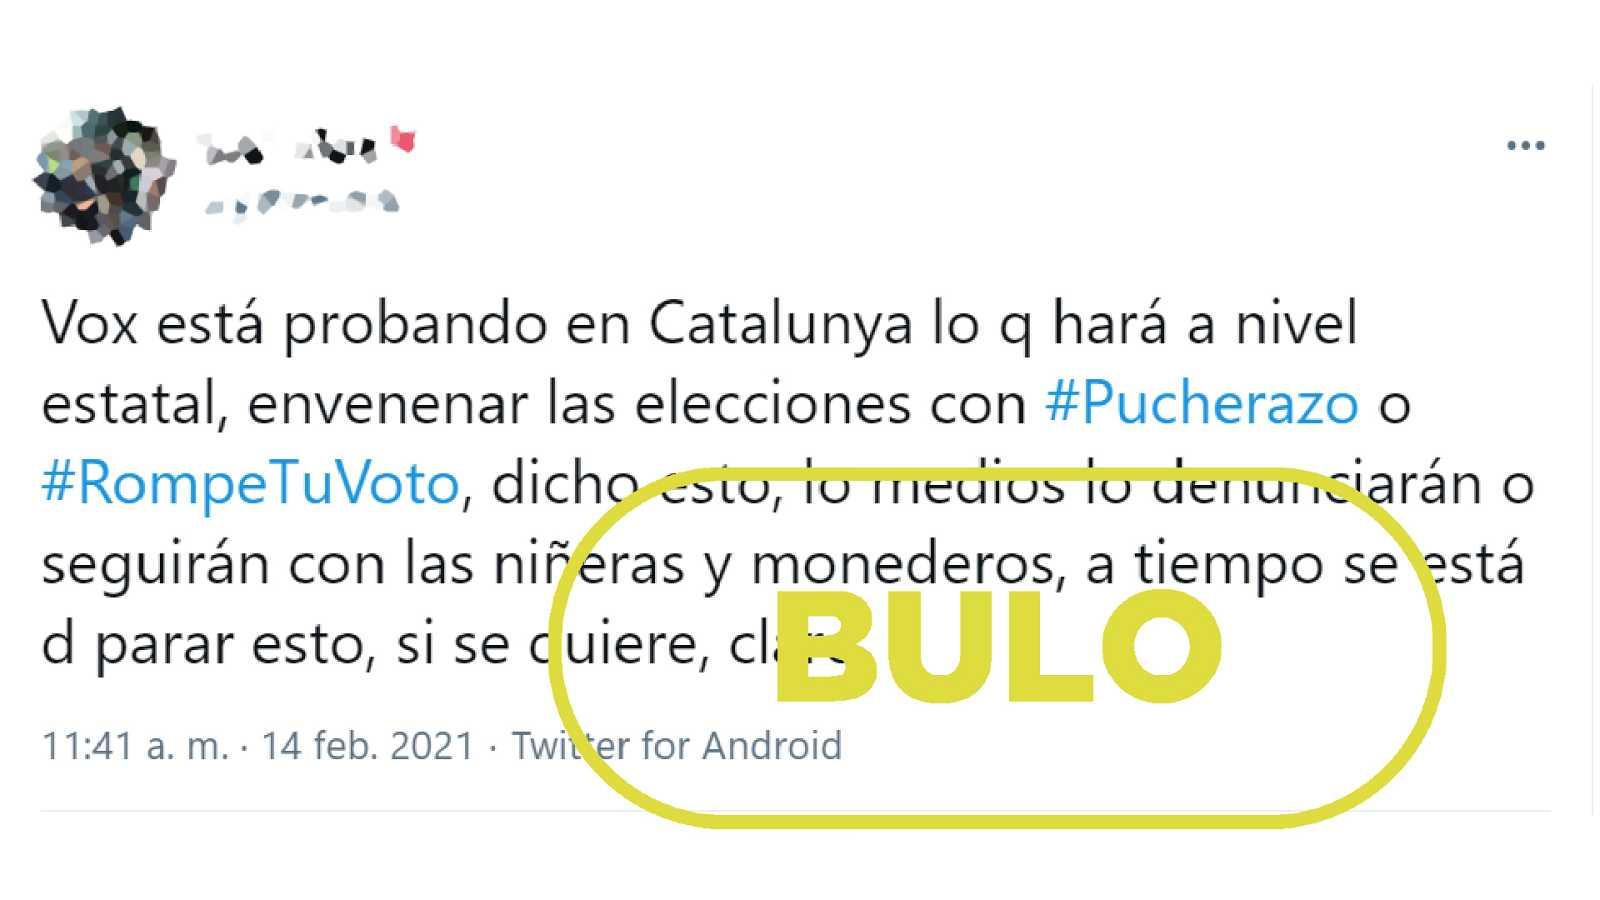 Bulo que afirma que las etiquetas #rompetuvoto y #pucherazo provienen de Vox